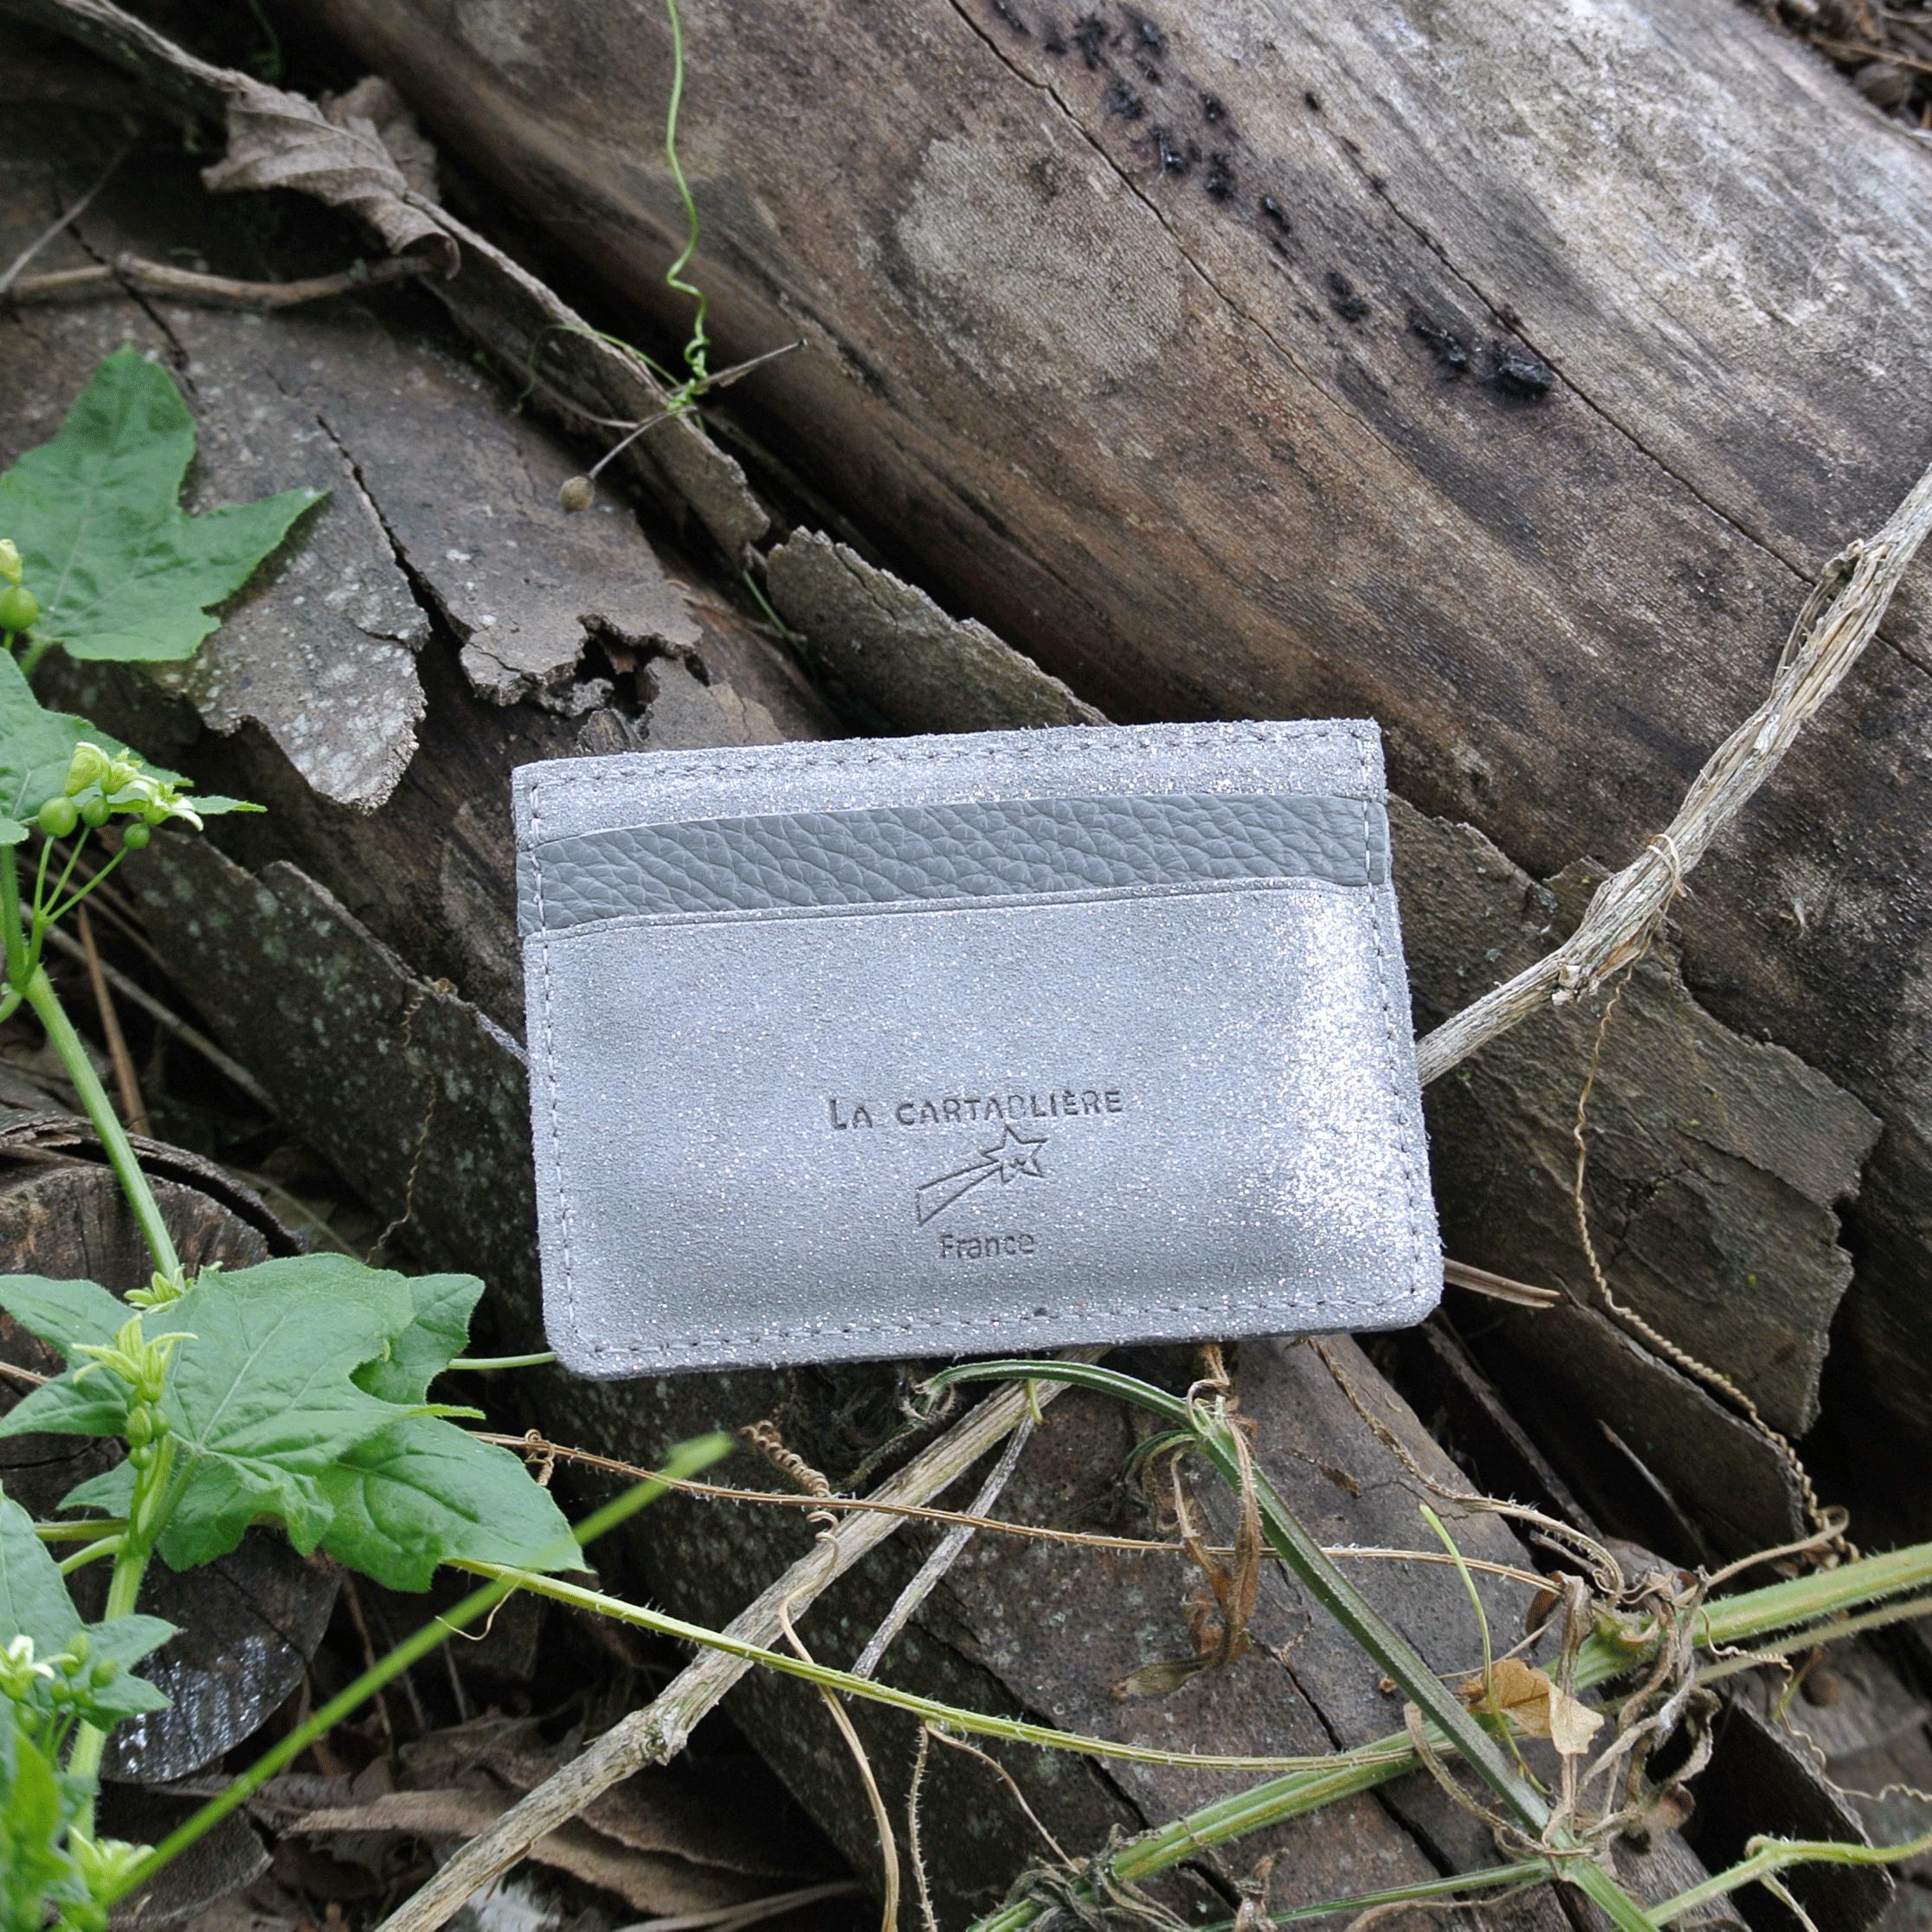 cuirs-pailletés-cuirs-fantaisies-fabriqué-en-france-la-cartabliere-etui-carte-triple-cuir-paillete-gris-tourterelle